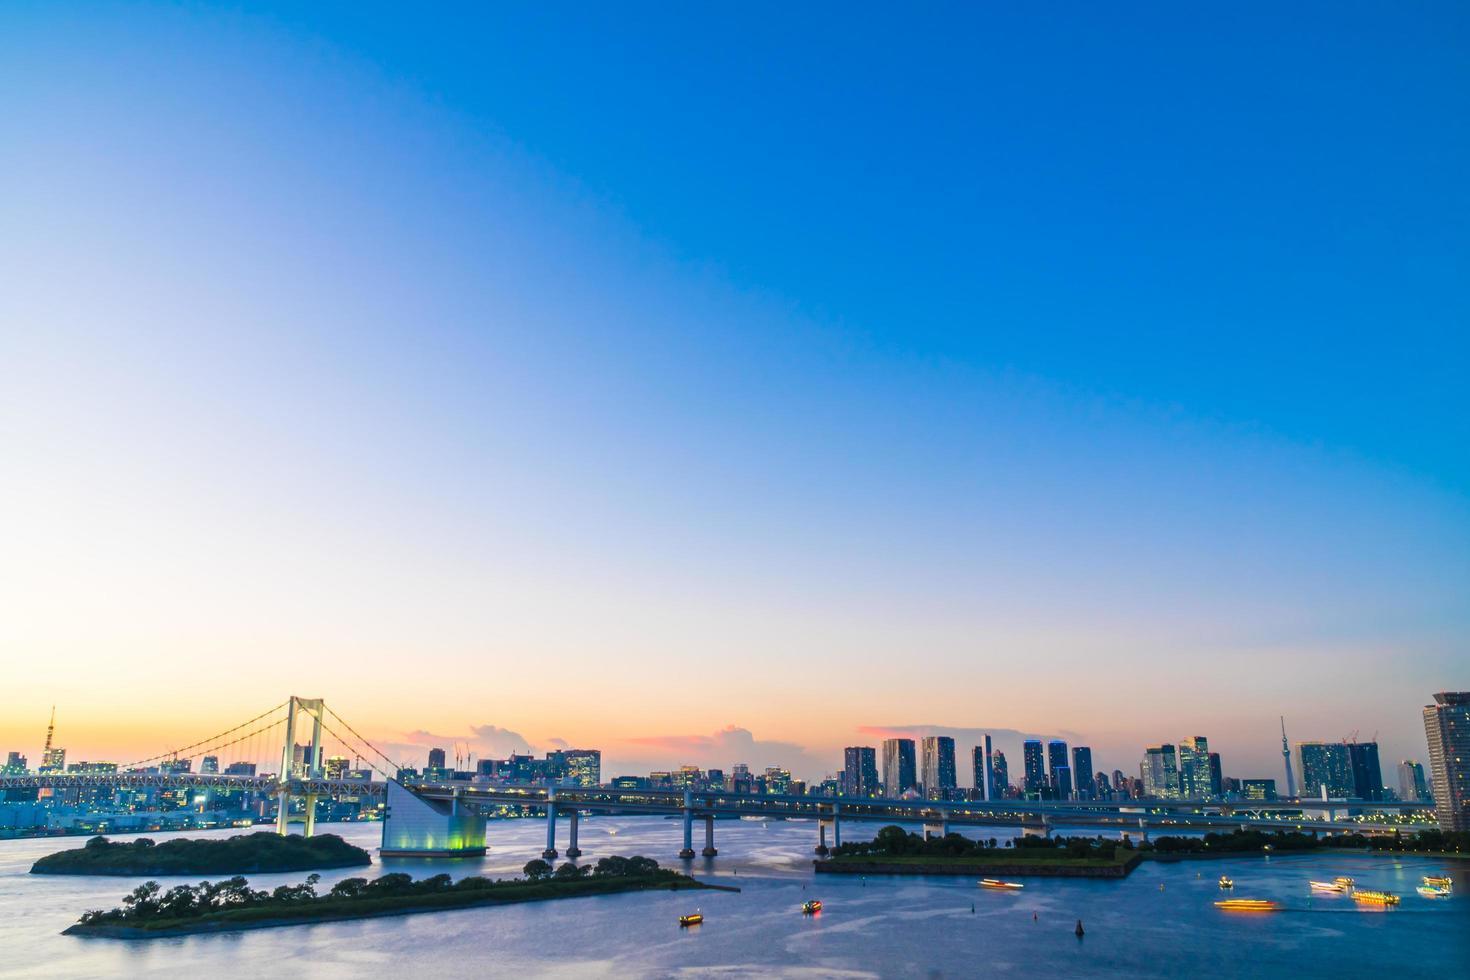 Stadtbild von Tokio Stadt mit Regenbogenbrücke, Japan foto